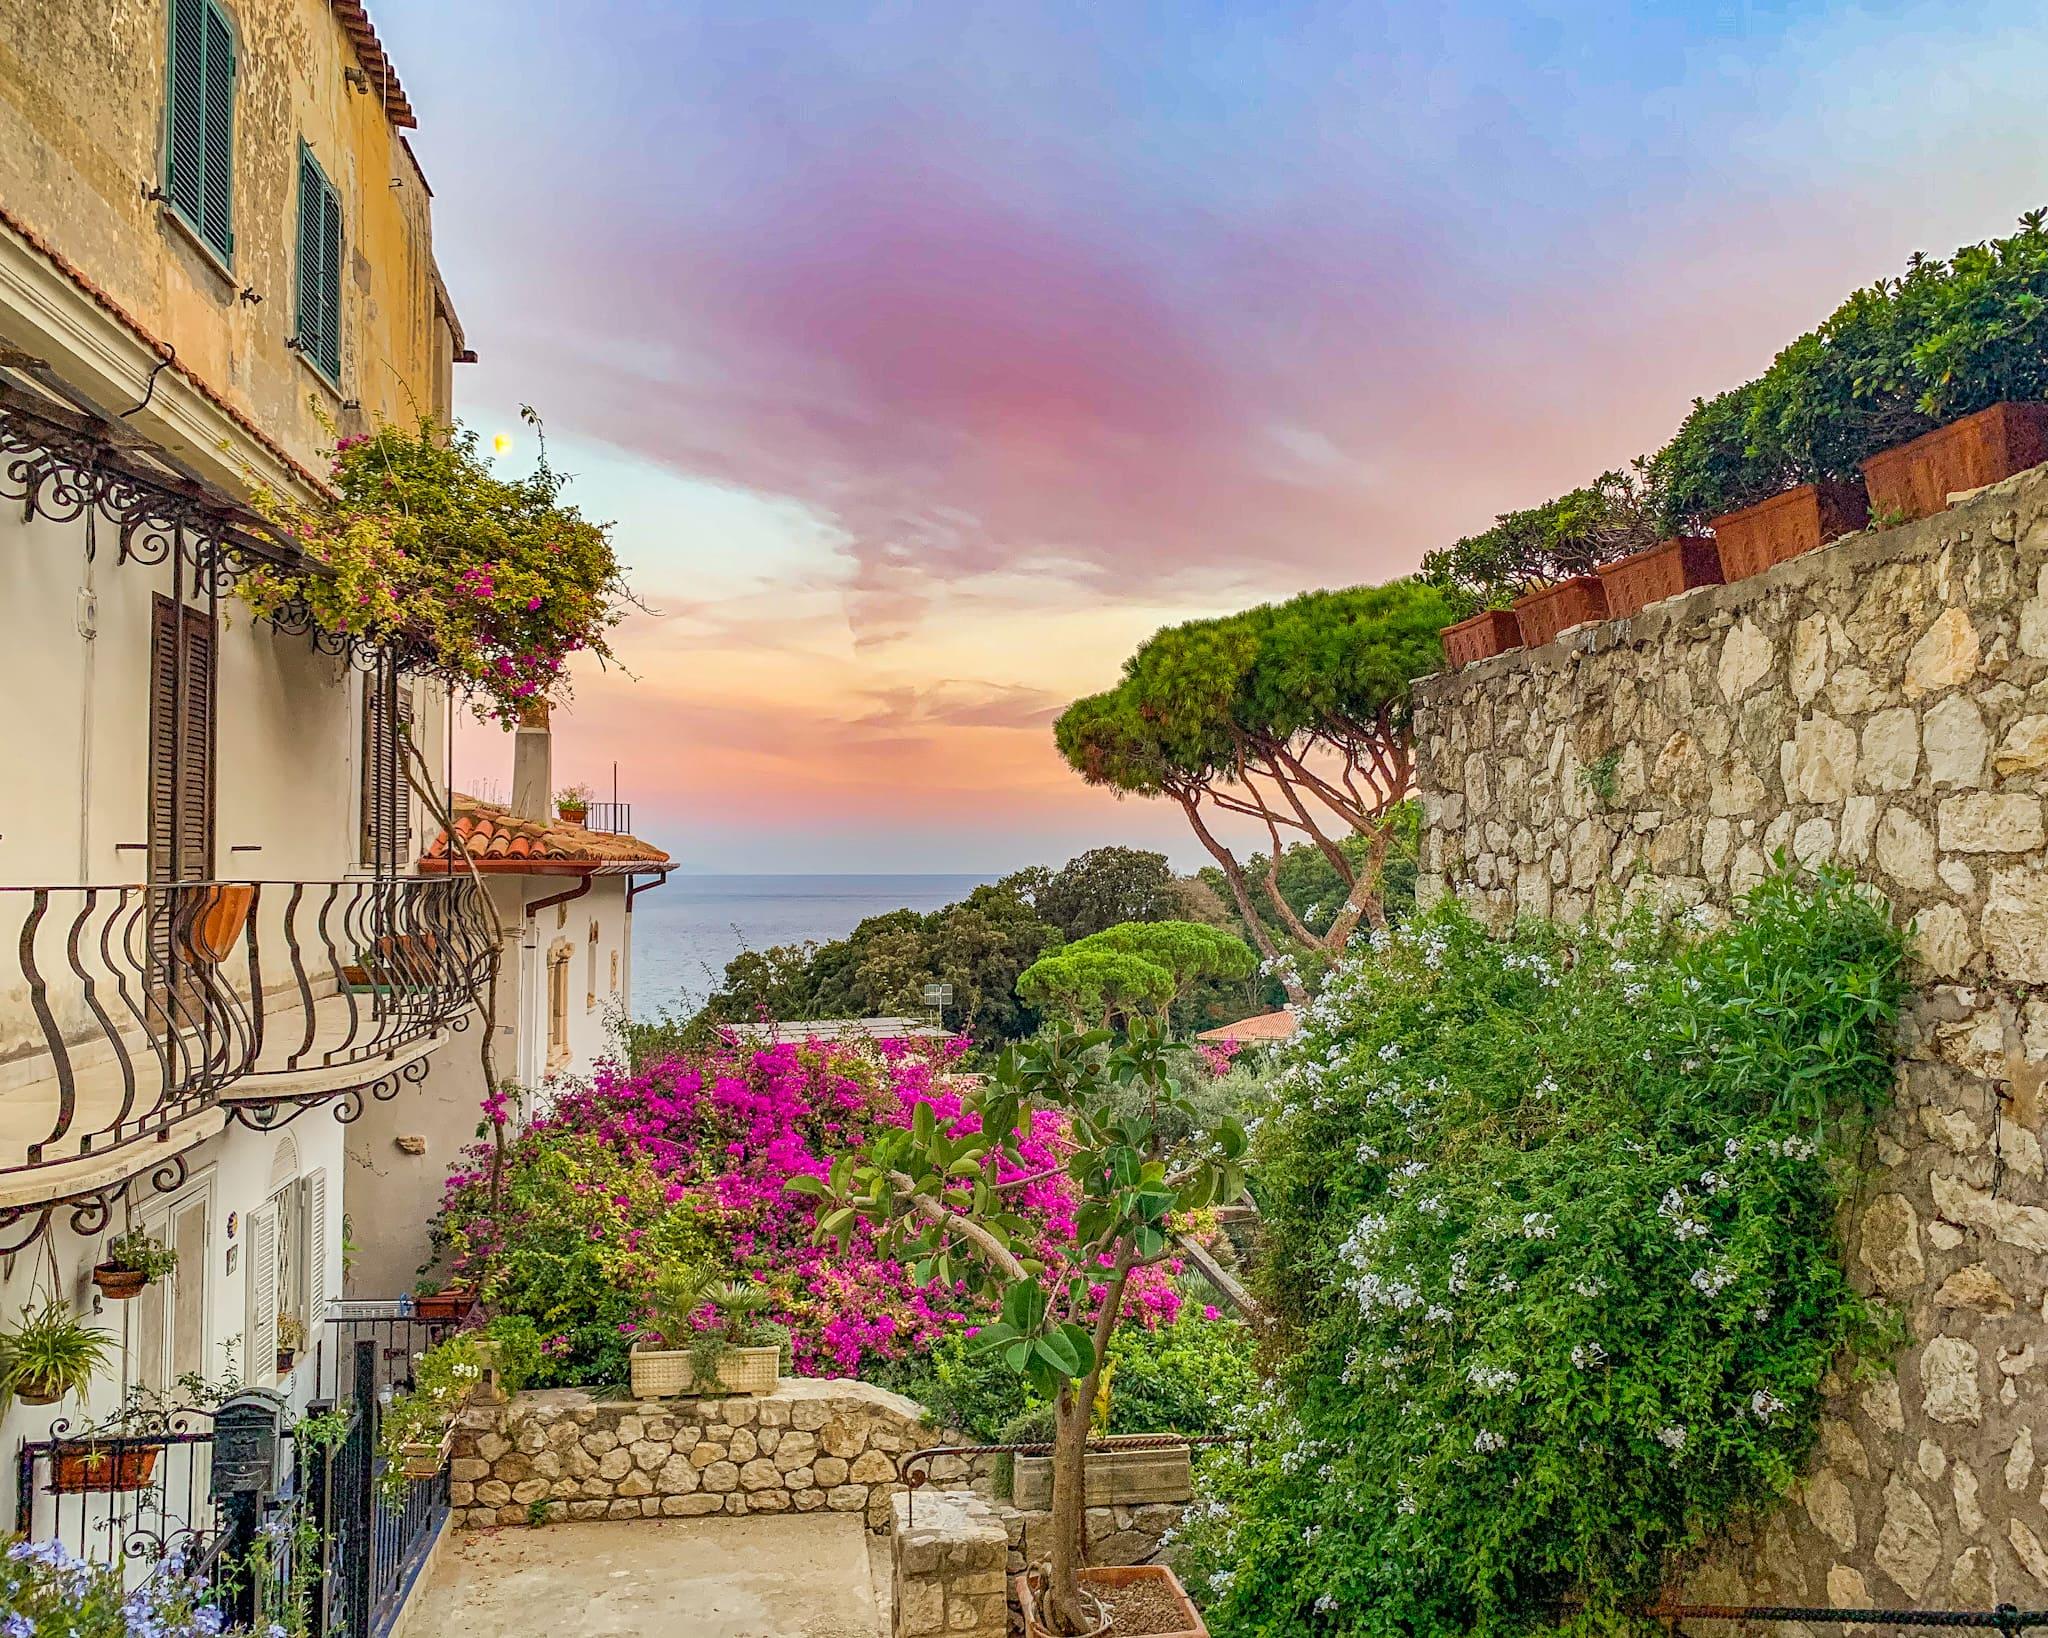 Cosa vedere a San Felice Circeo. Viaggio on the road nella Riviera di Ulisse.